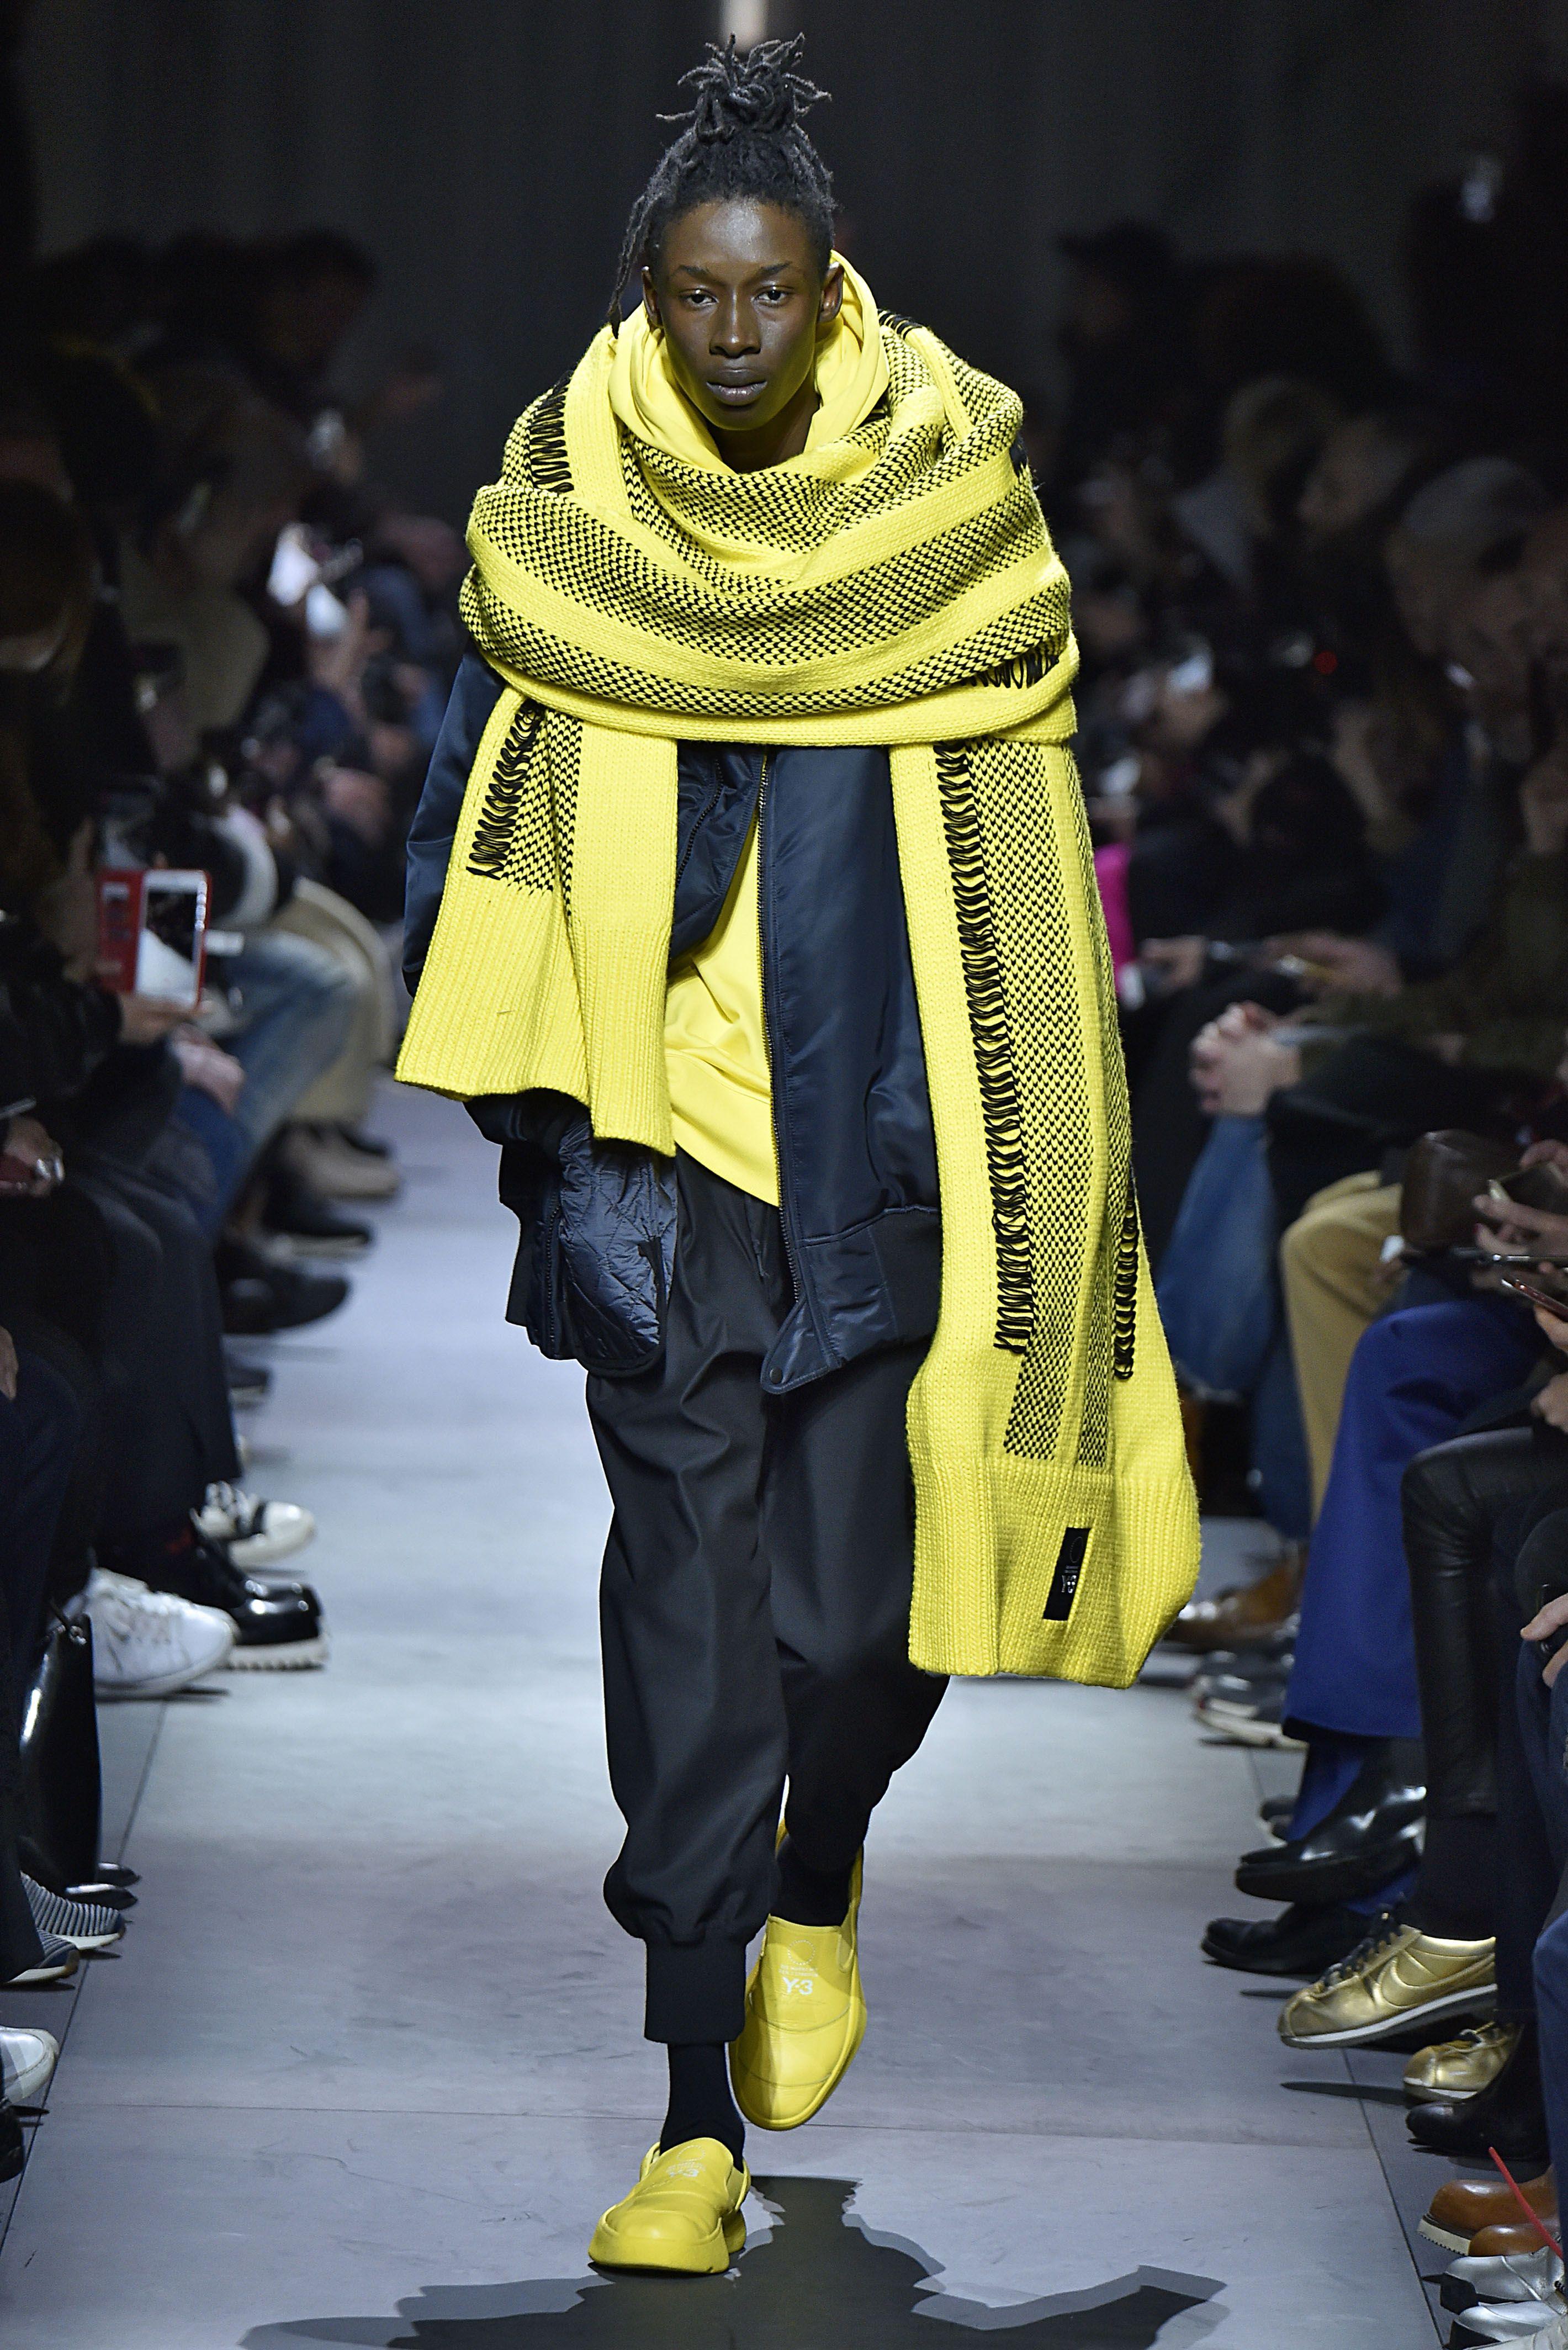 El metrosexual paso de moda